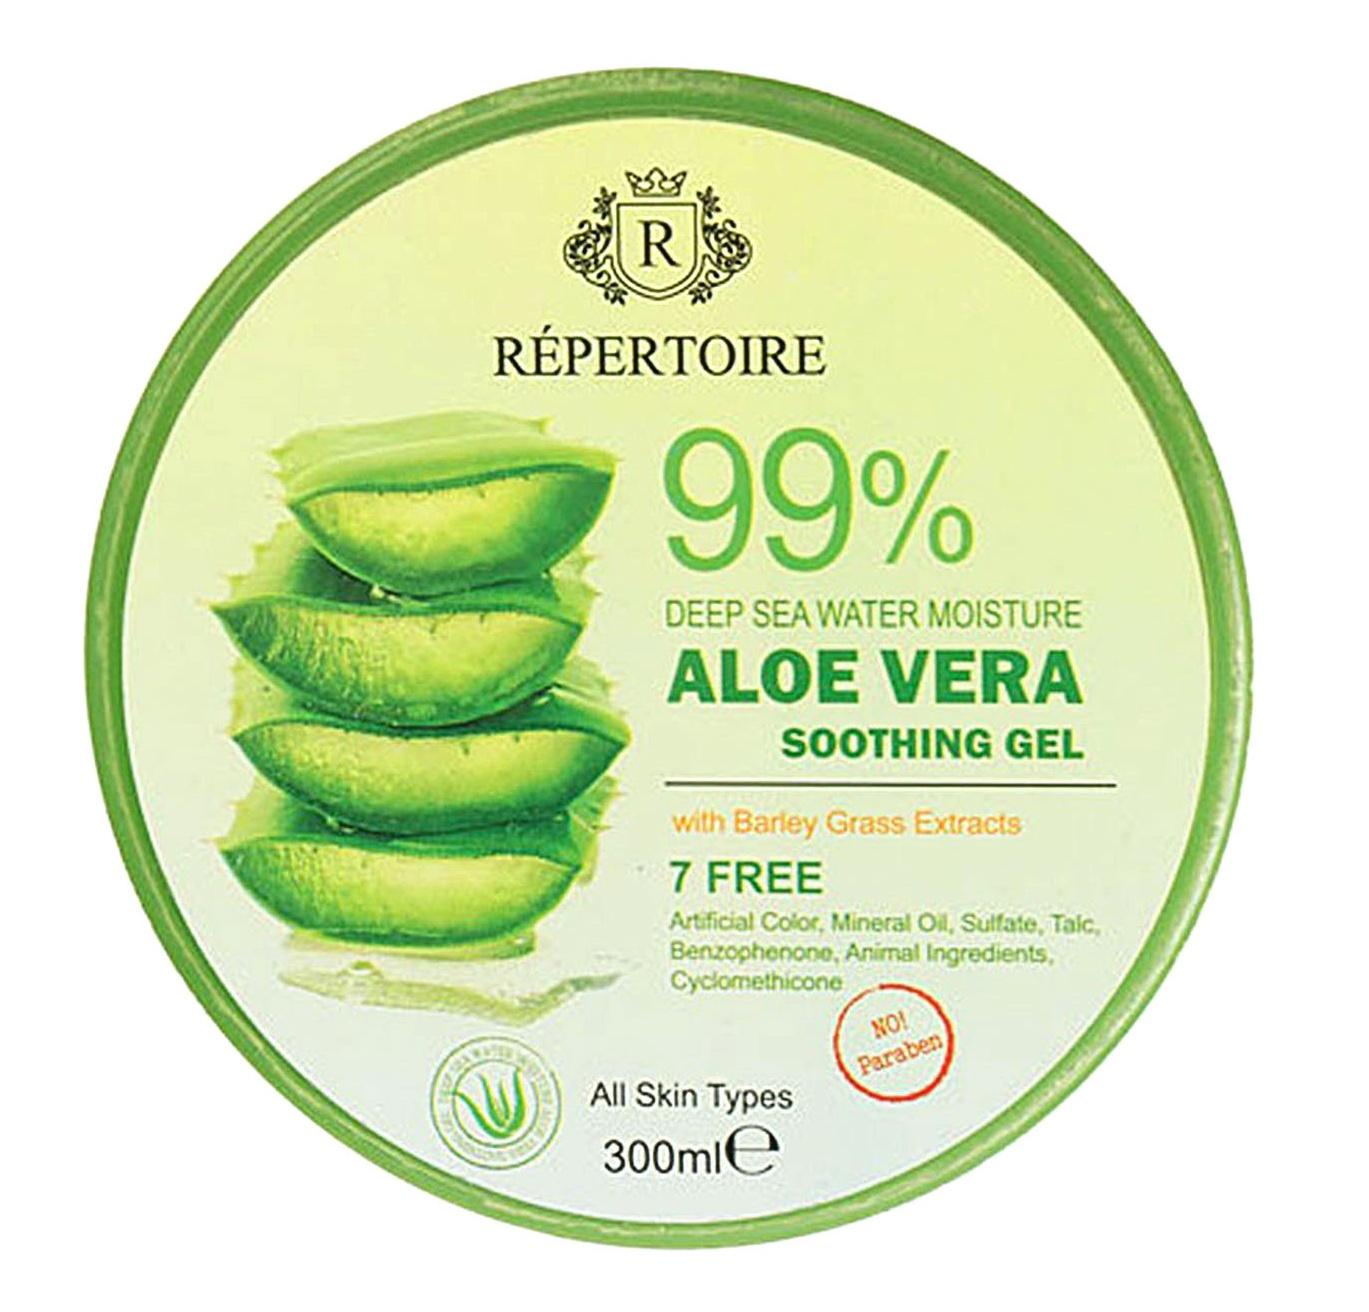 Répertoire Aloe Vera Soothing Gel